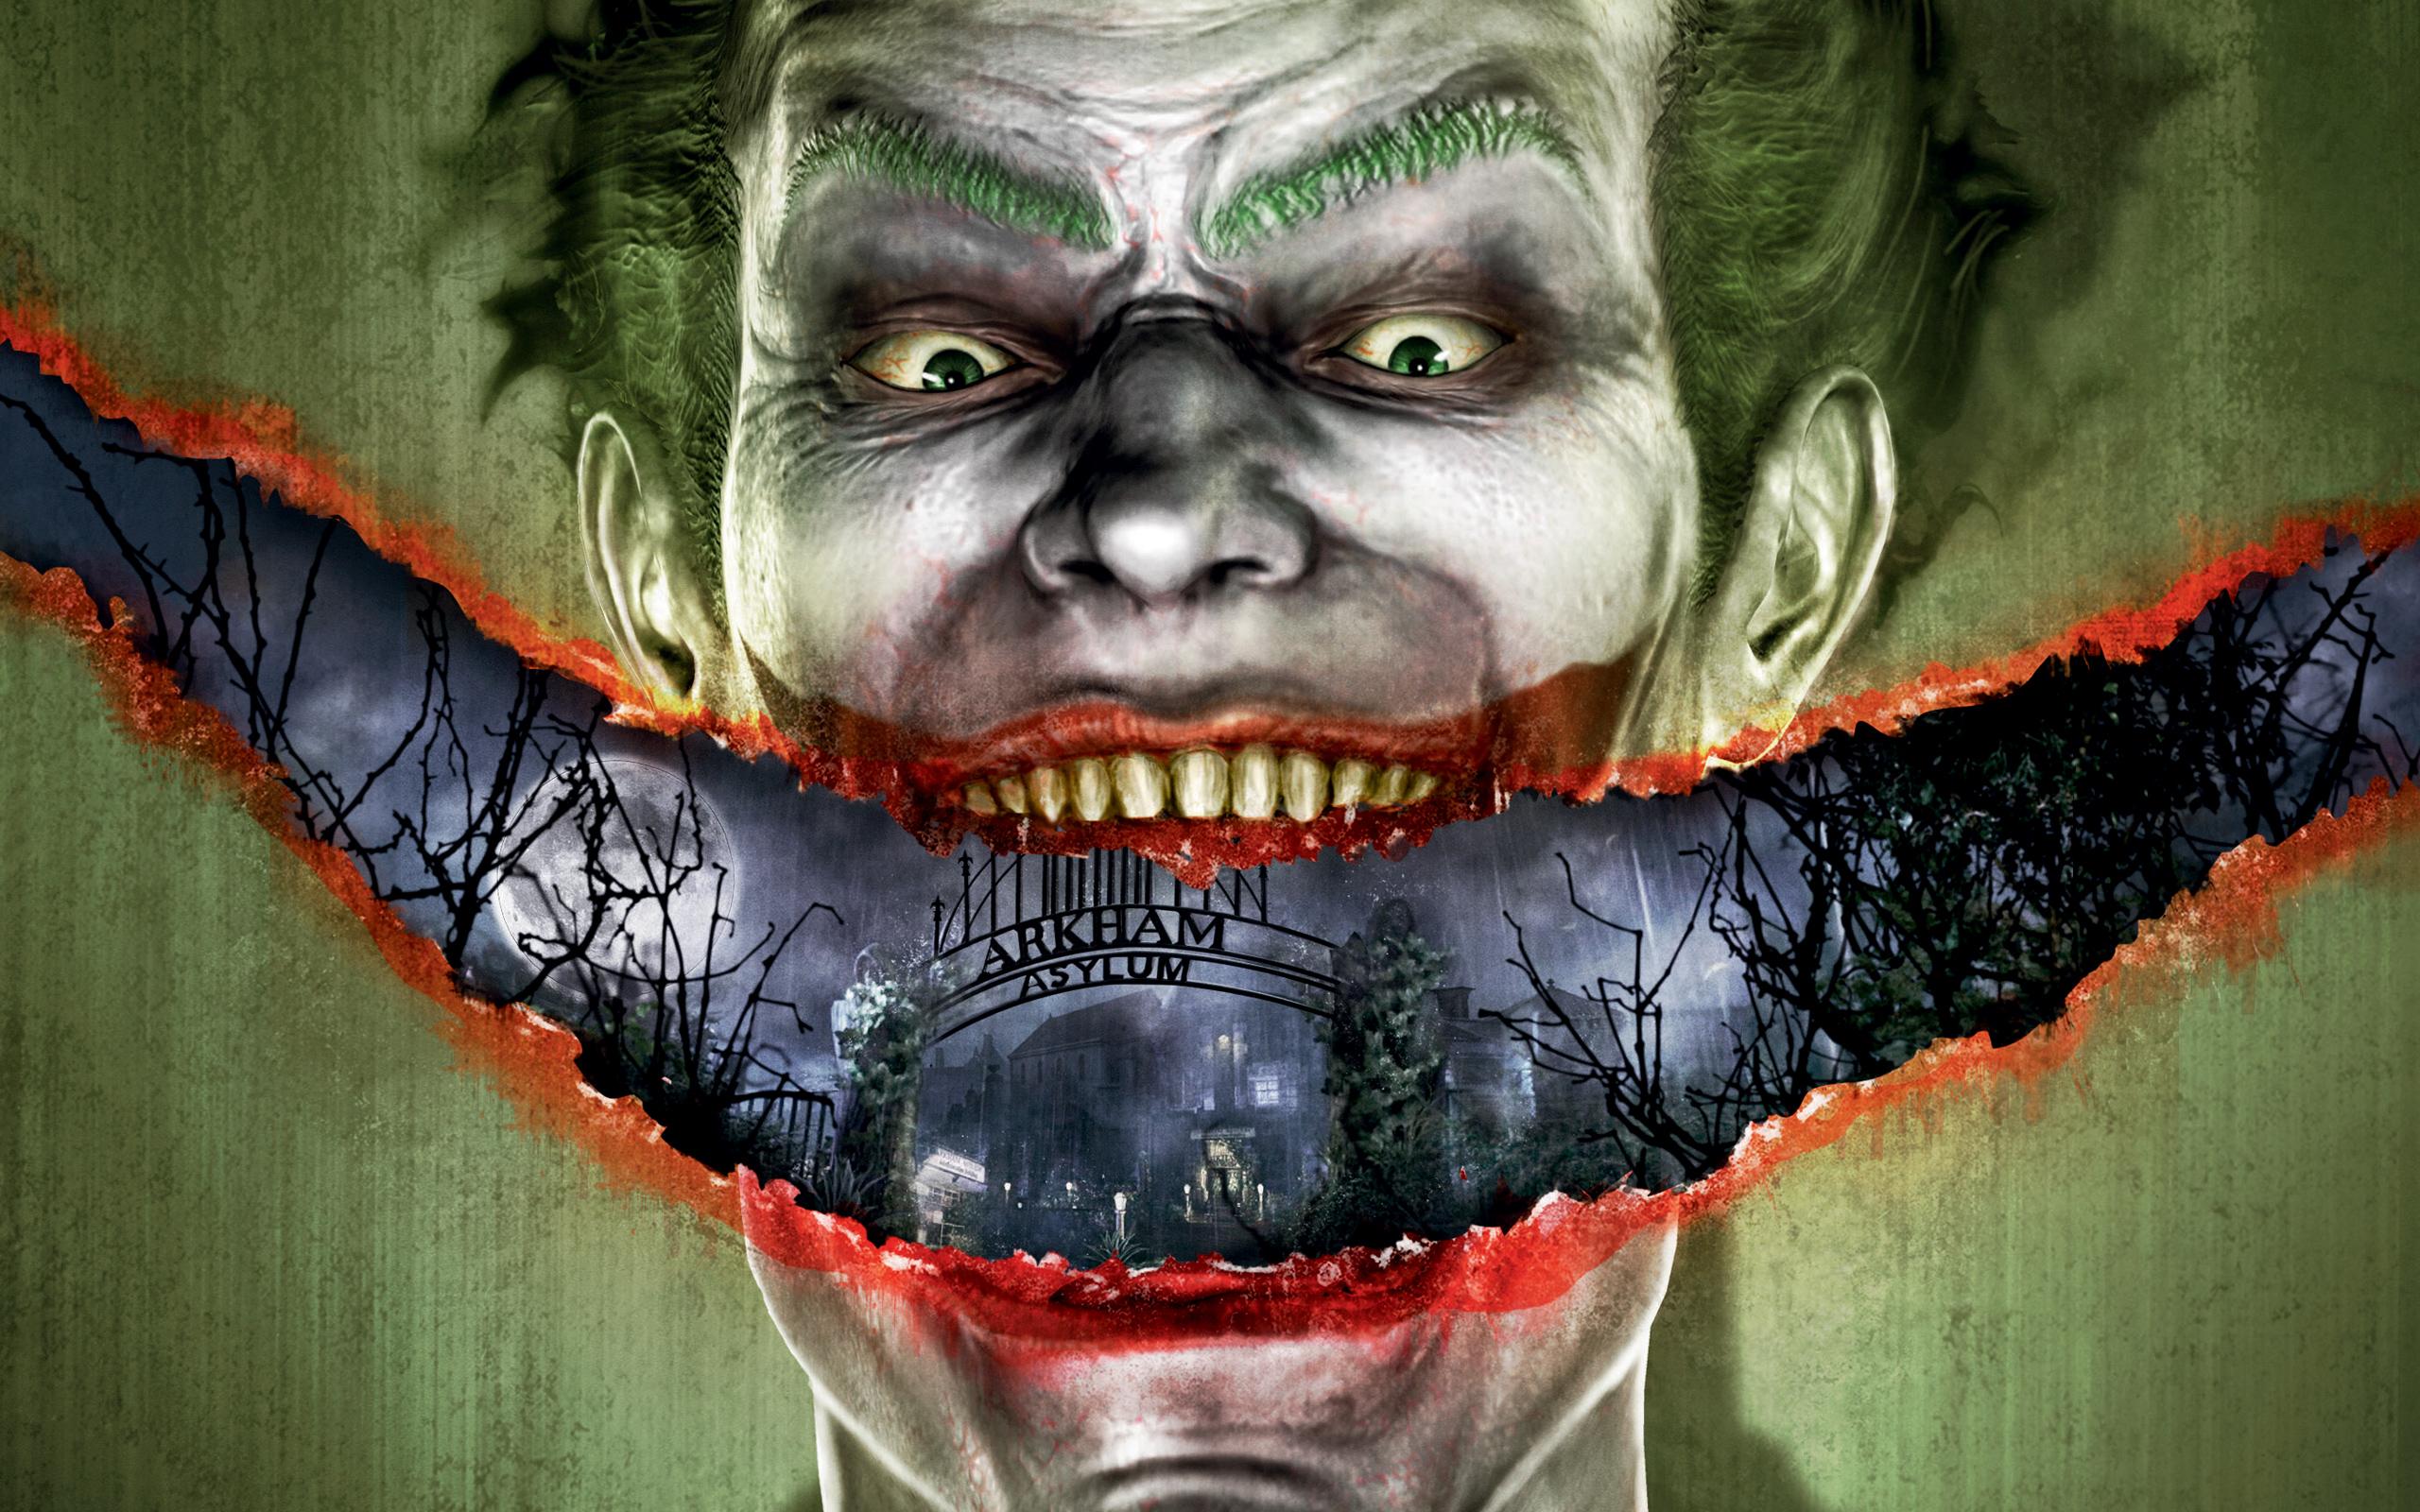 Joker Arkham Asylum Wallpaper Joker batman a 2560x1600